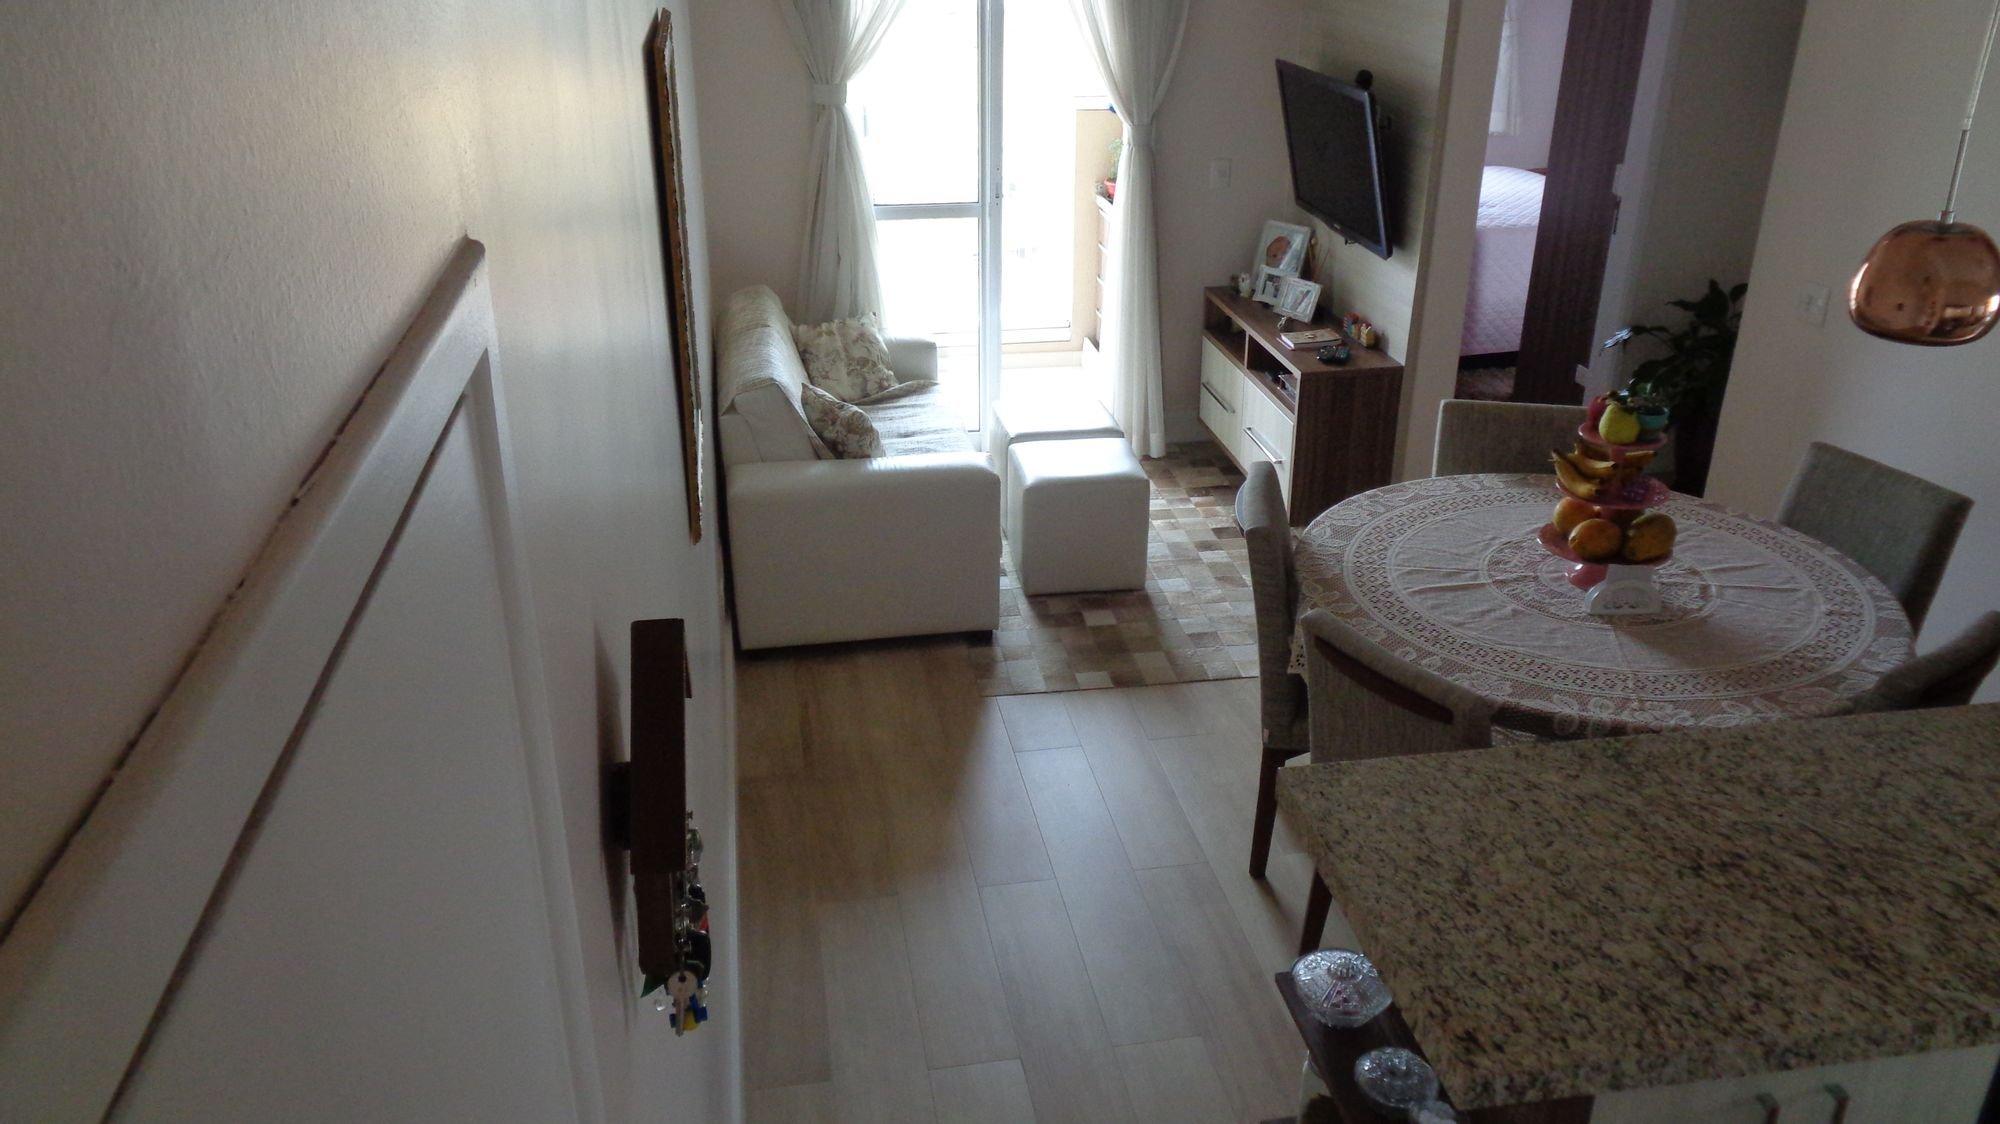 Foto de Sala com televisão, cadeira, mesa de jantar